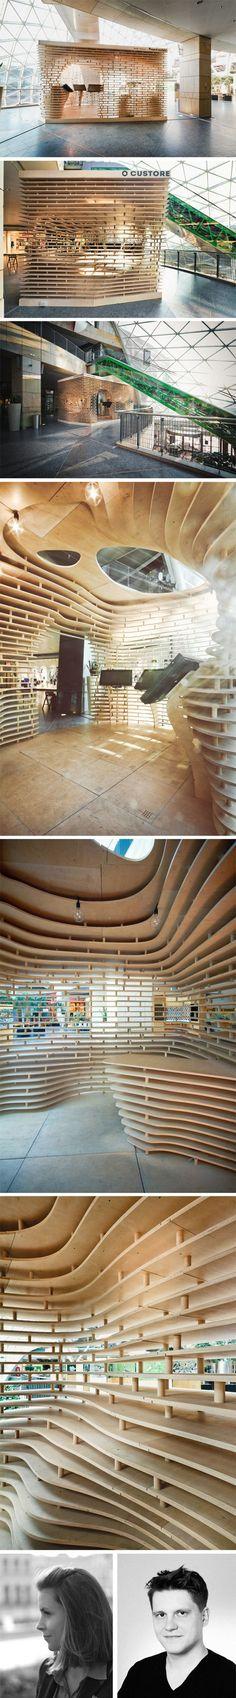 Custore-Pavilion par Anna Dobek et Mateusz Wojcicki Custore Pavilion explore les domaines de l'architecture paramétrique.Entièrement en #CONTREPLAQUE, l'enveloppe striée de ce concept store abrite un espace avec des écrans tactiles pour présenter les produits et un espace pour une galerie d'art. Assemblage de #CONTREPLAQUE.: